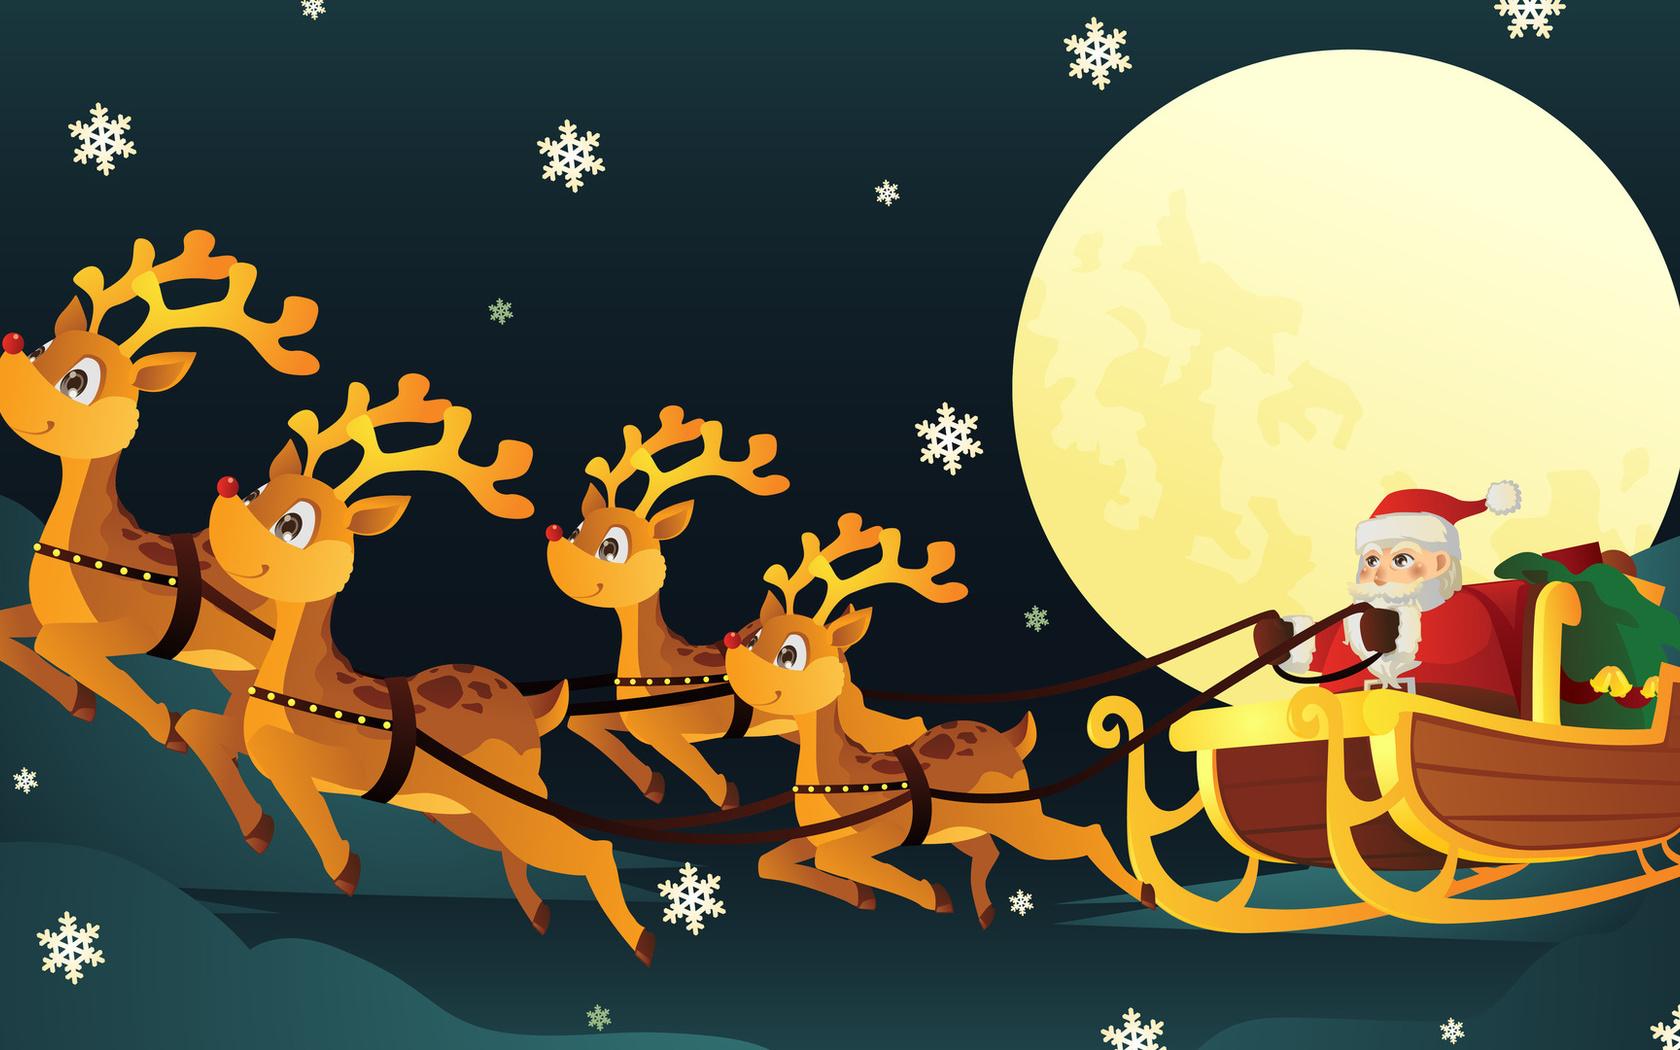 Днем рождения, открытка с новым годом с оленями